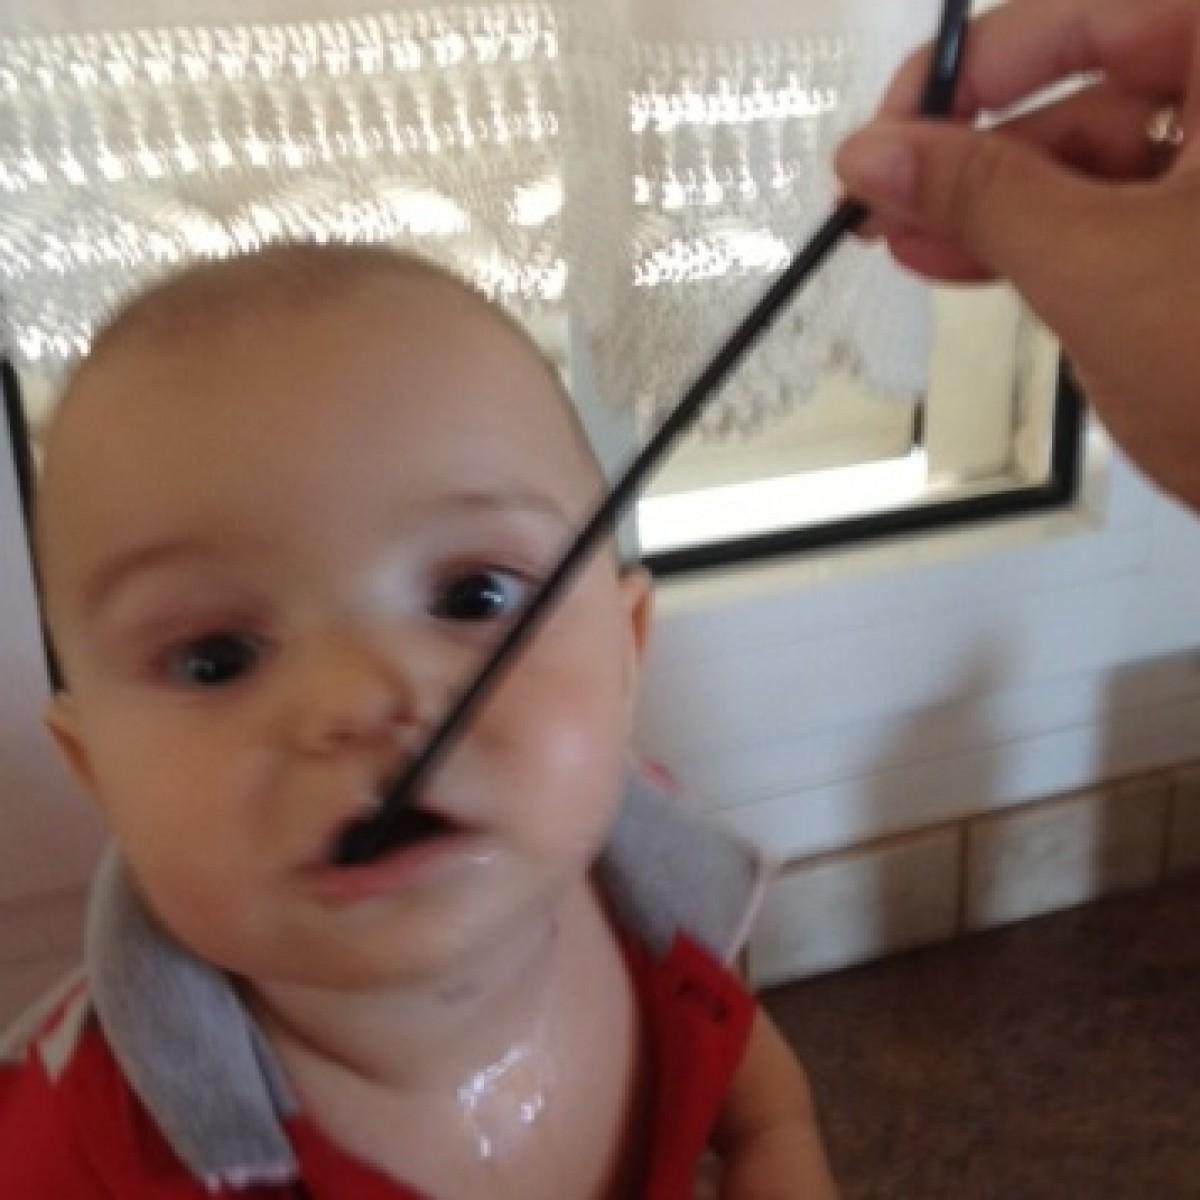 Μπορεί ένα μωρό να πίνει με καλαμάκι;